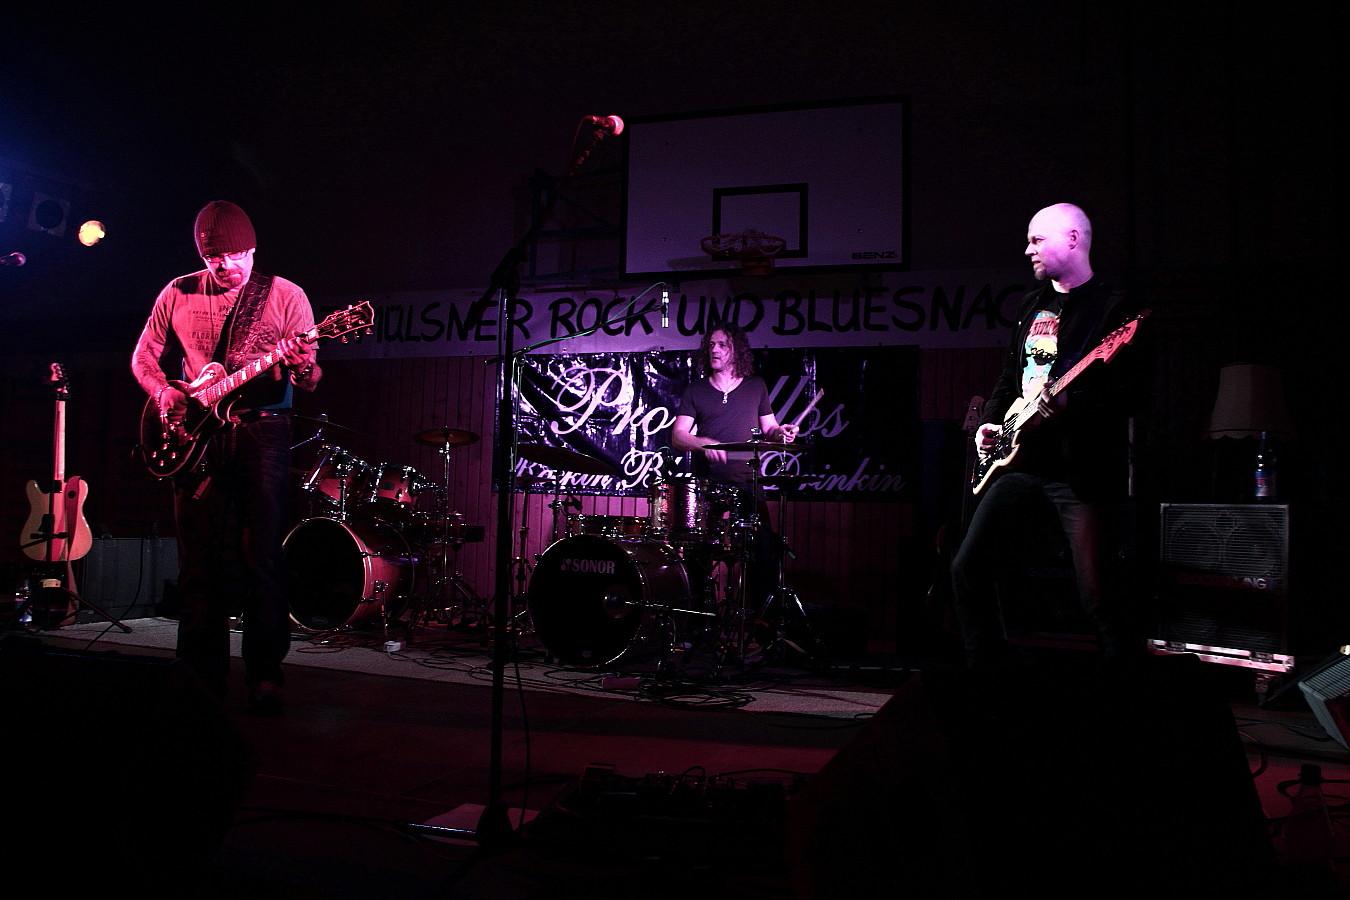 7. Mülsner Rock & Bluesnacht (17)